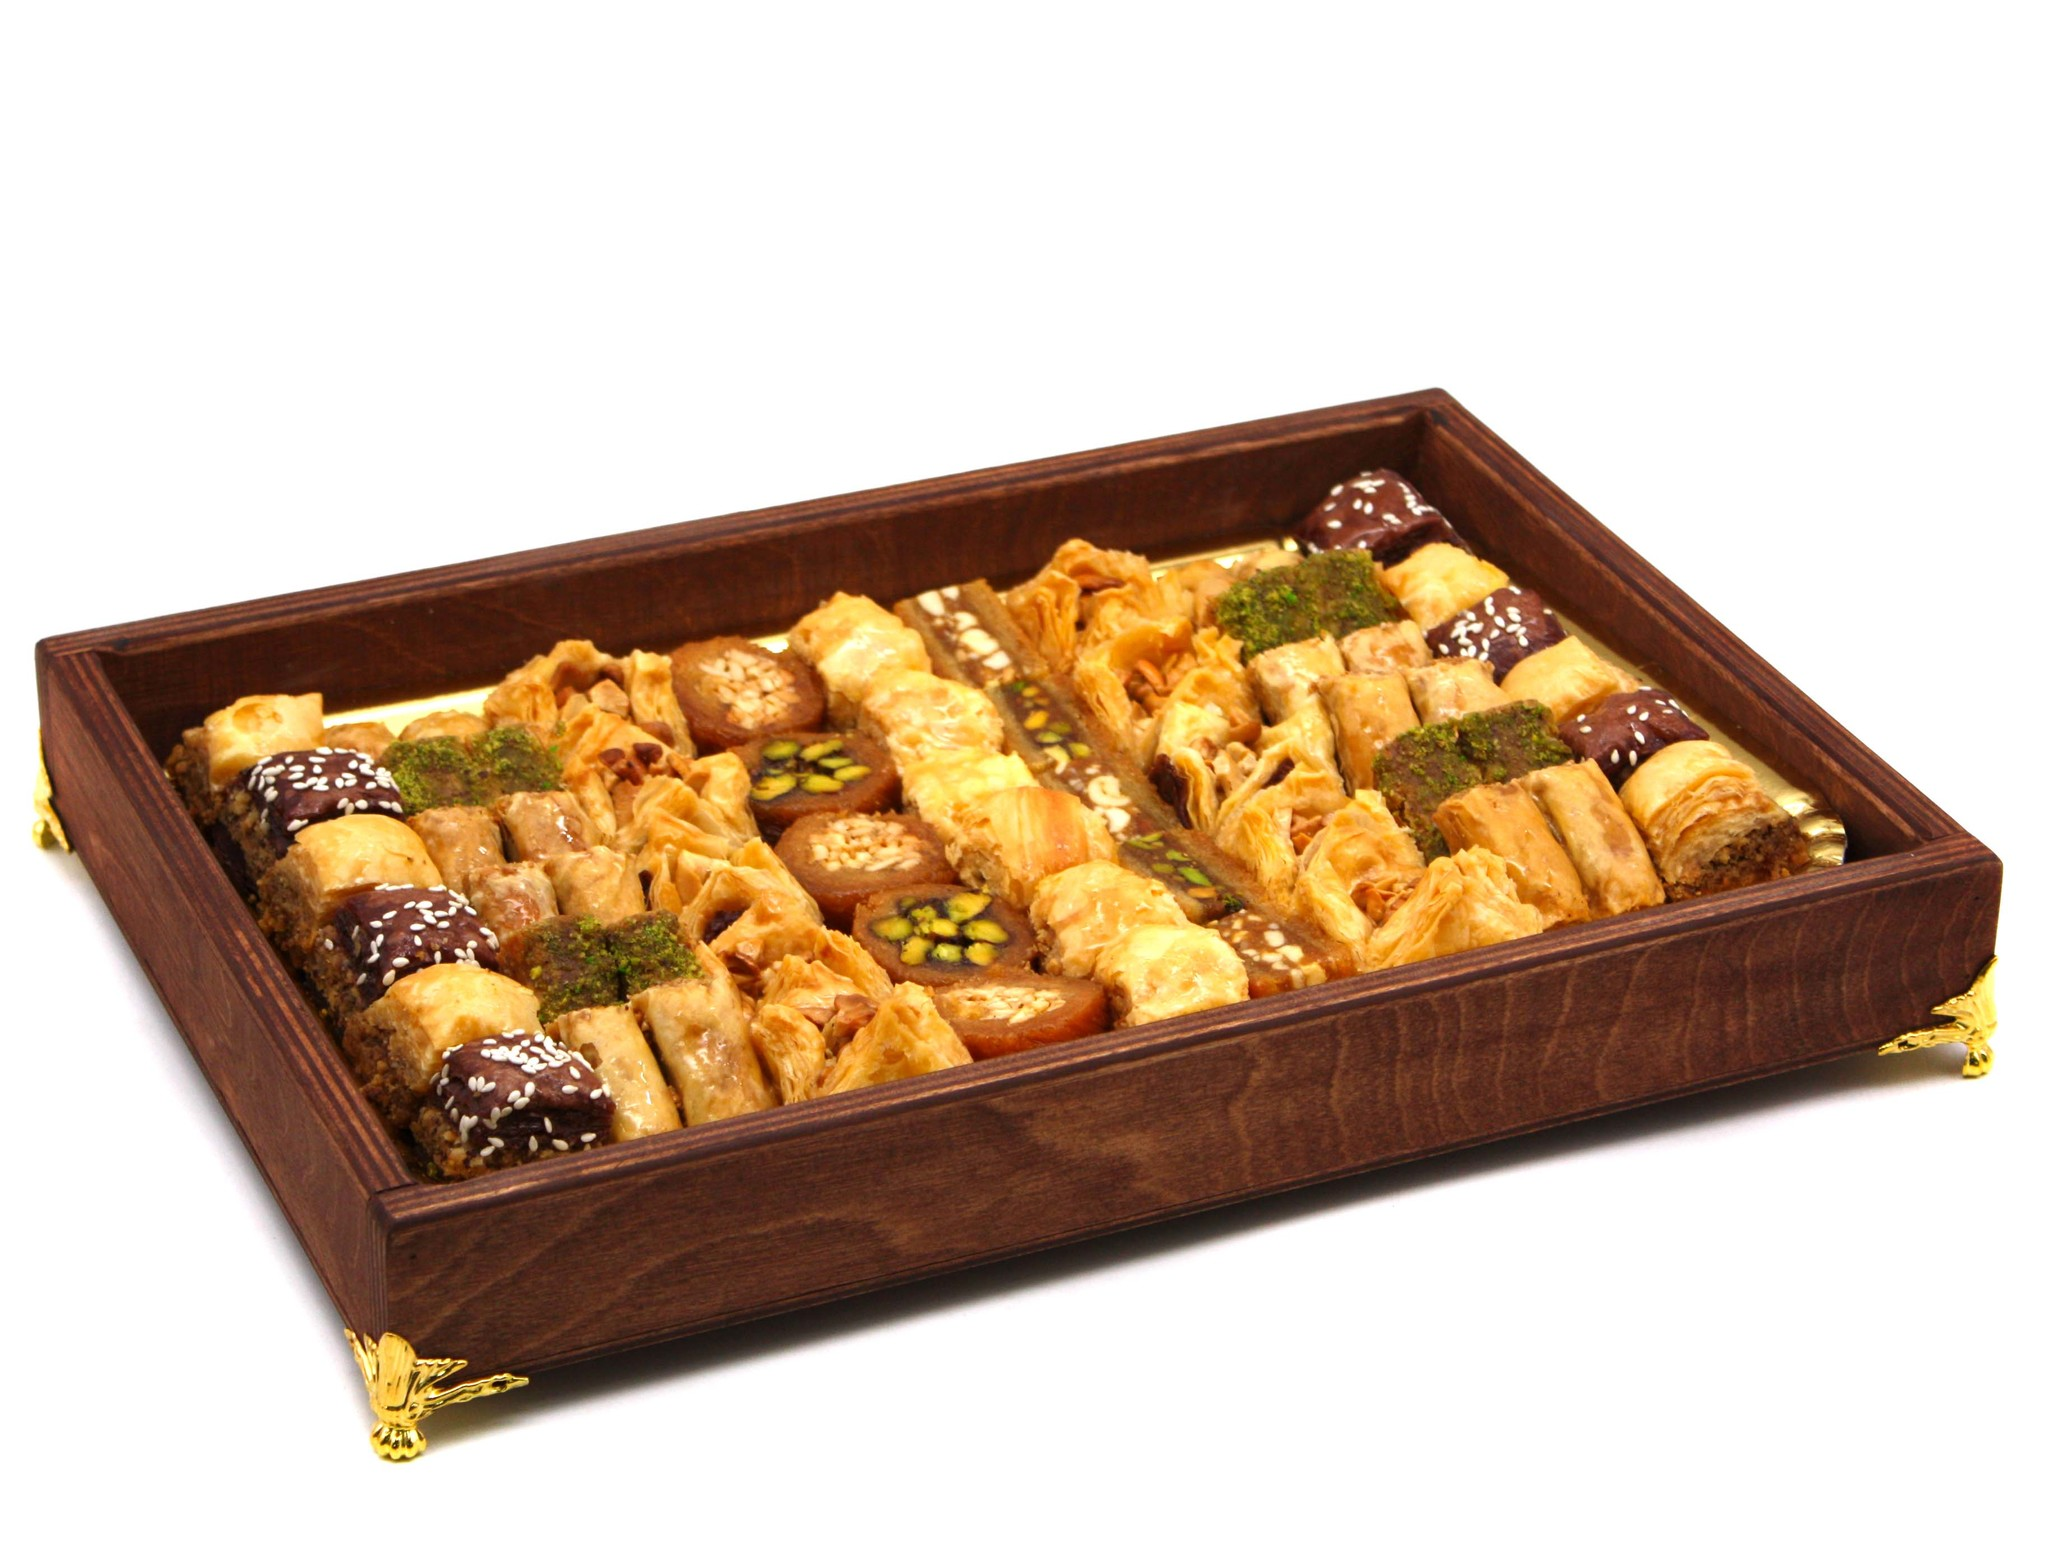 """Подарочные наборы Подарочное ассорти ливанских сладостей """"Вдохновение"""", 1000 г import_files_54_541d705ed36a11e79a0ffcaa1488e48f_669fcc07233211eaa9c6484d7ecee297.jpg"""